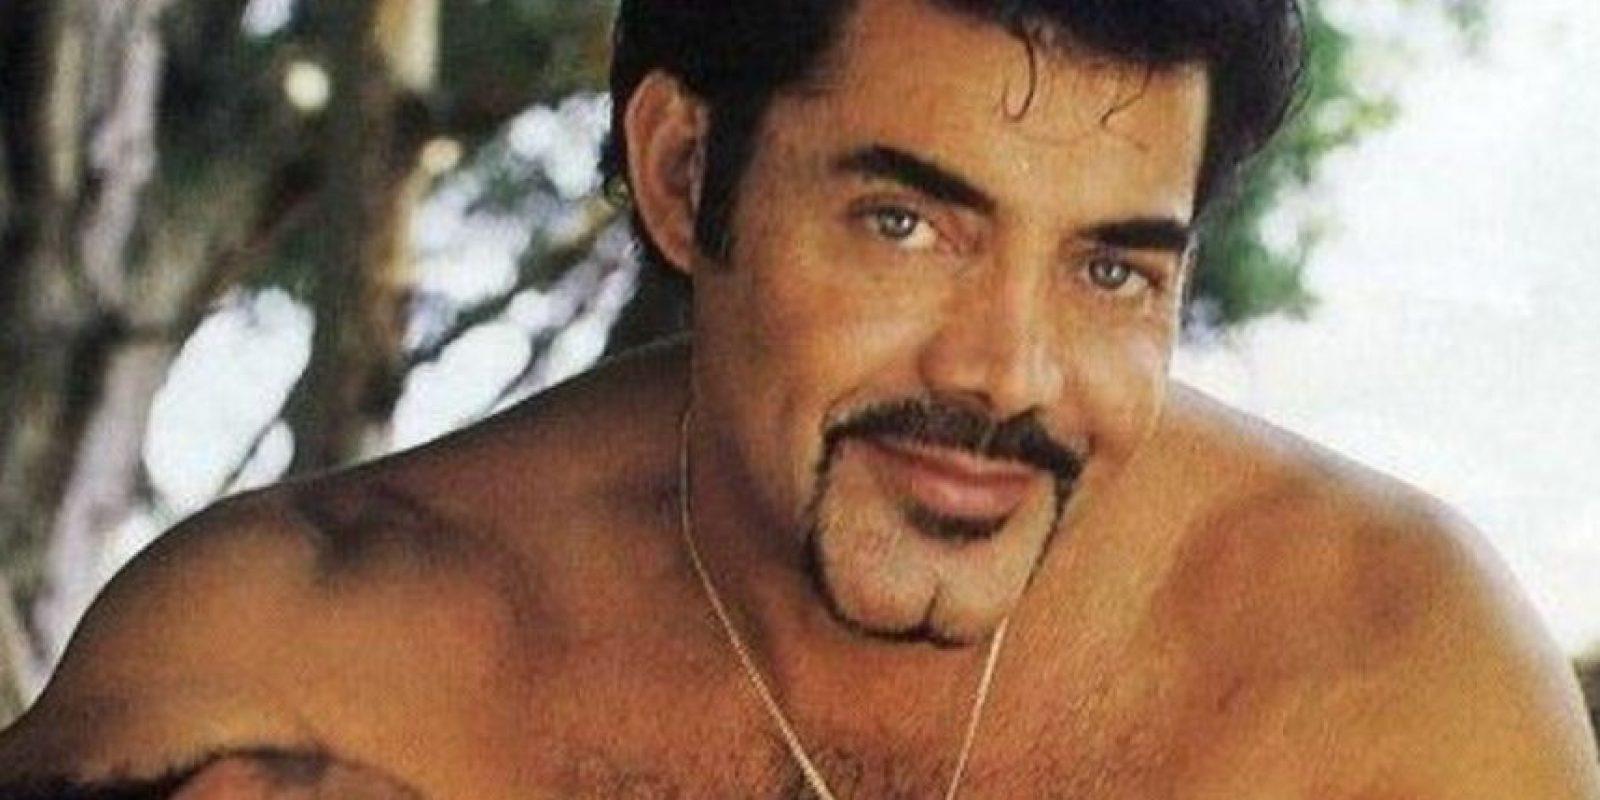 Las cirugías lo dejaron peor. Foto:vía Televisa